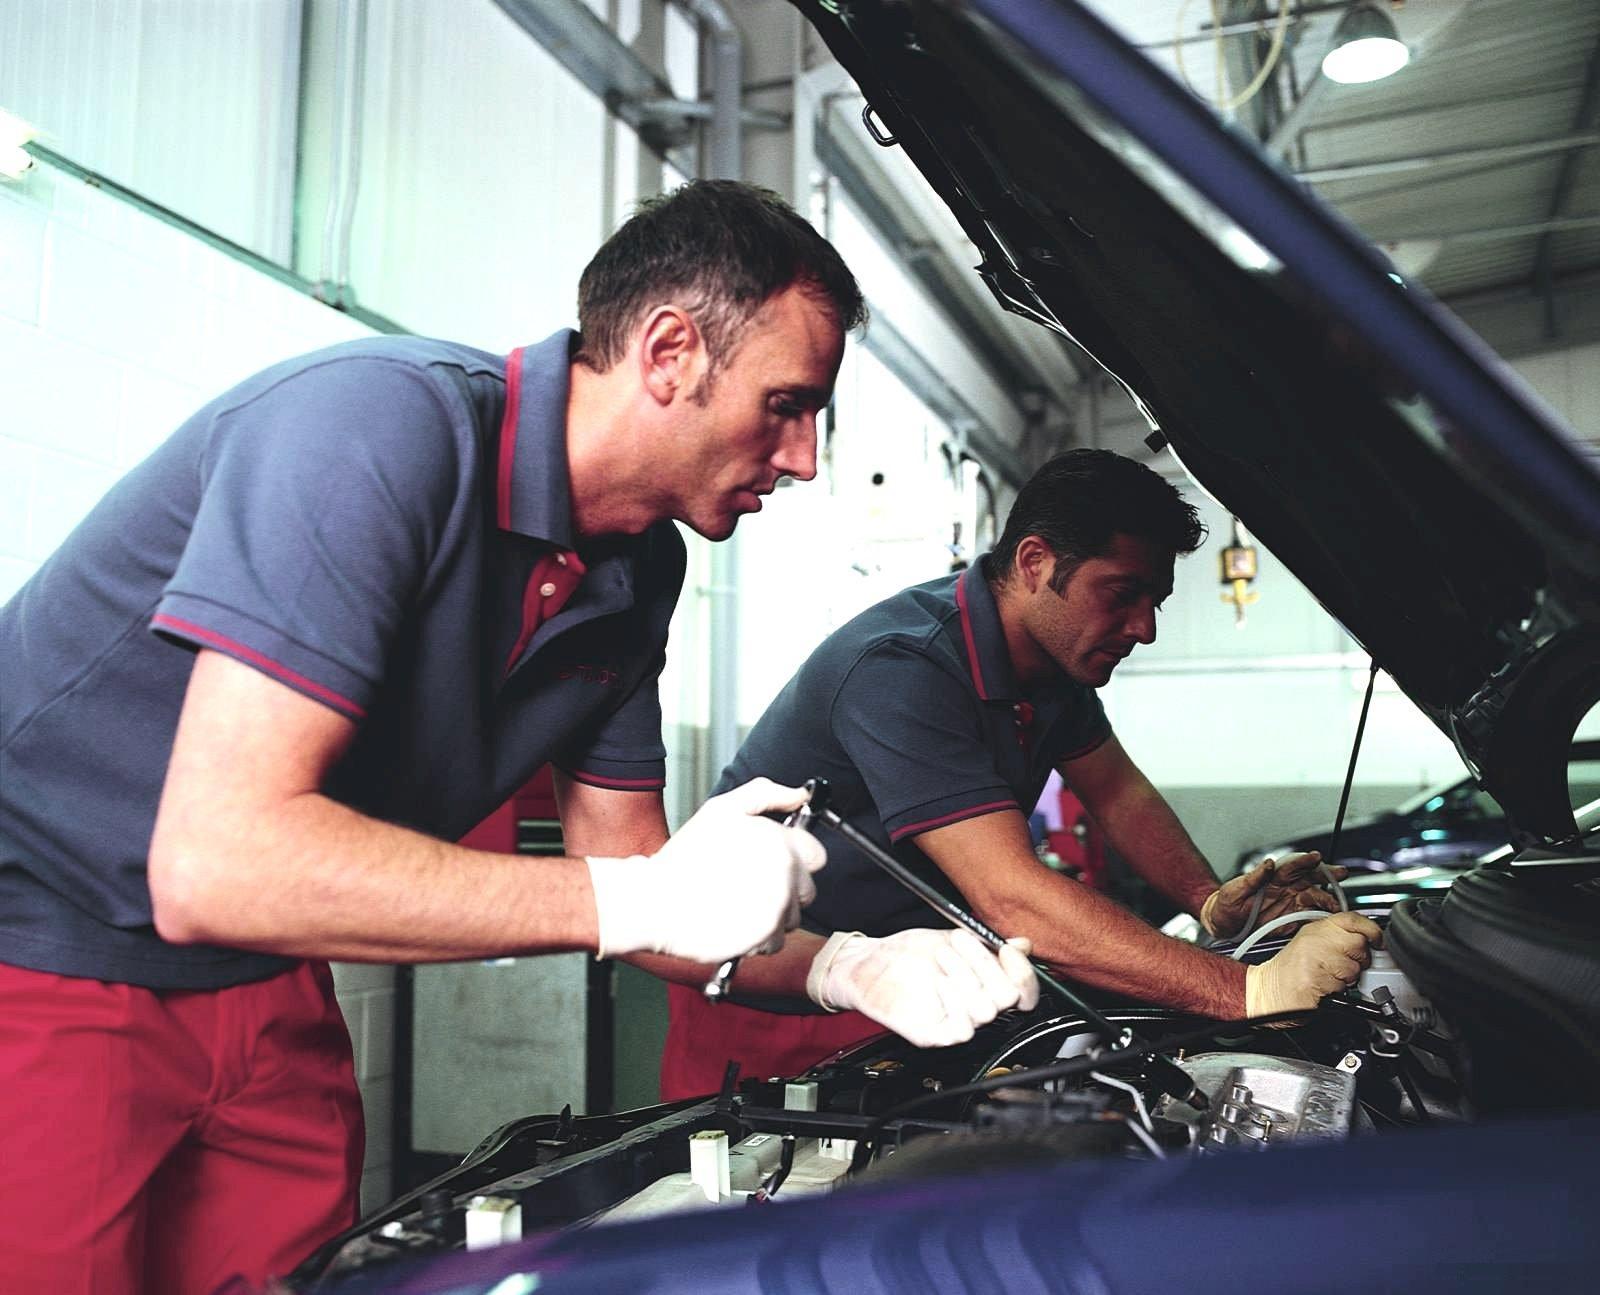 и мастер ремонту автомобилей обслуживанию по